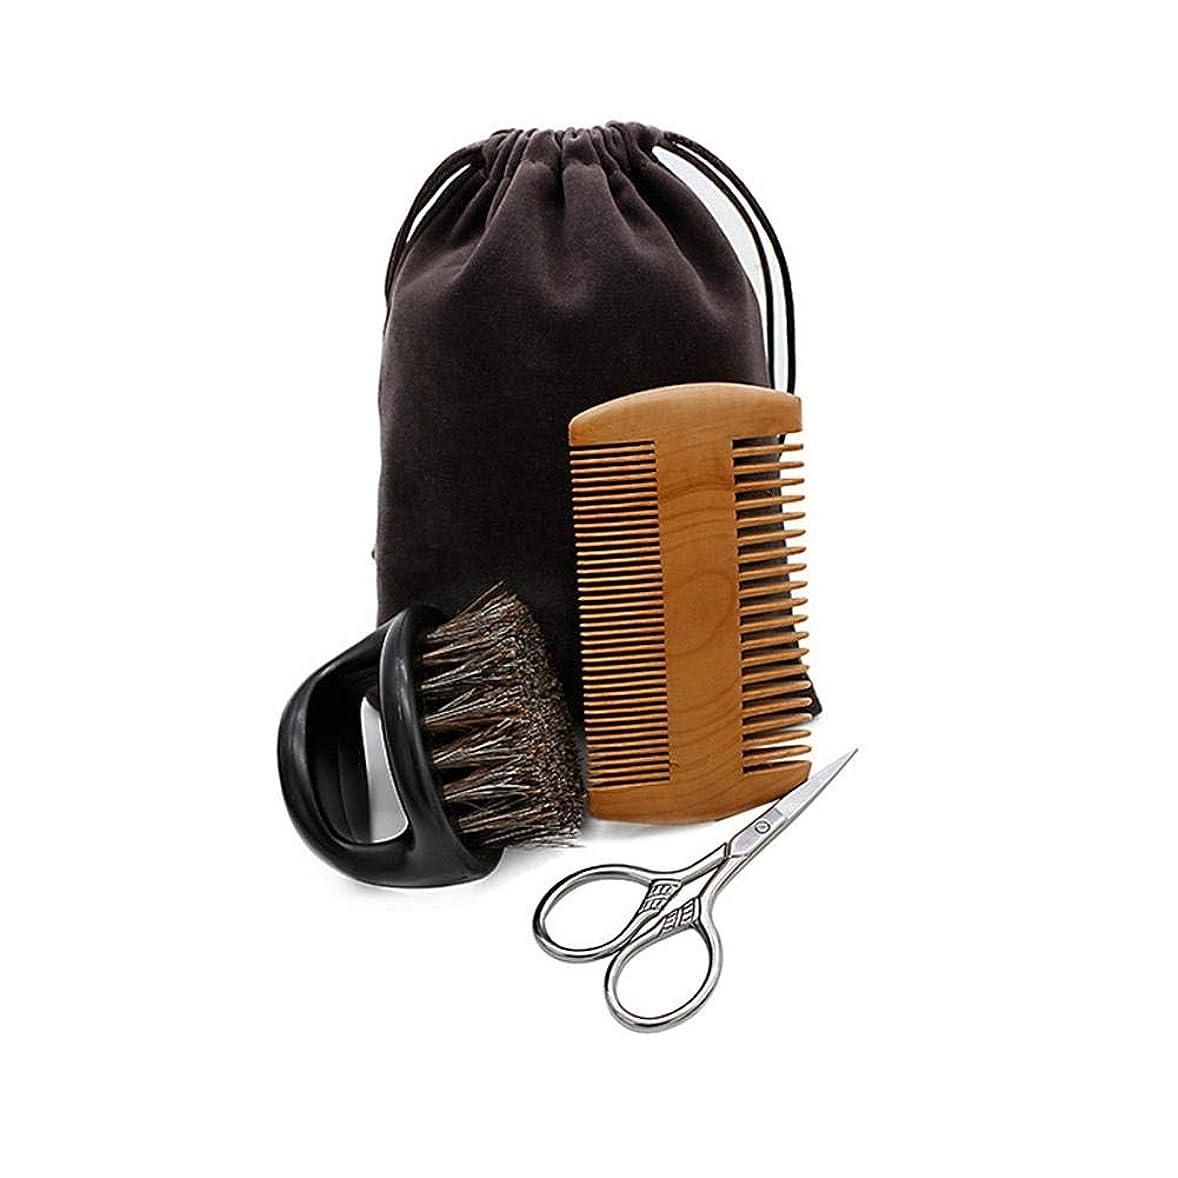 旅行平和なシェルjunexi ビアードケアセット 3件セット ひげブラシ ピーチ木製櫛 はさみ 柔らかい 使いやすい メンズ髭手入れセット 収納袋付き 携帯便利 ヘアブラシセット